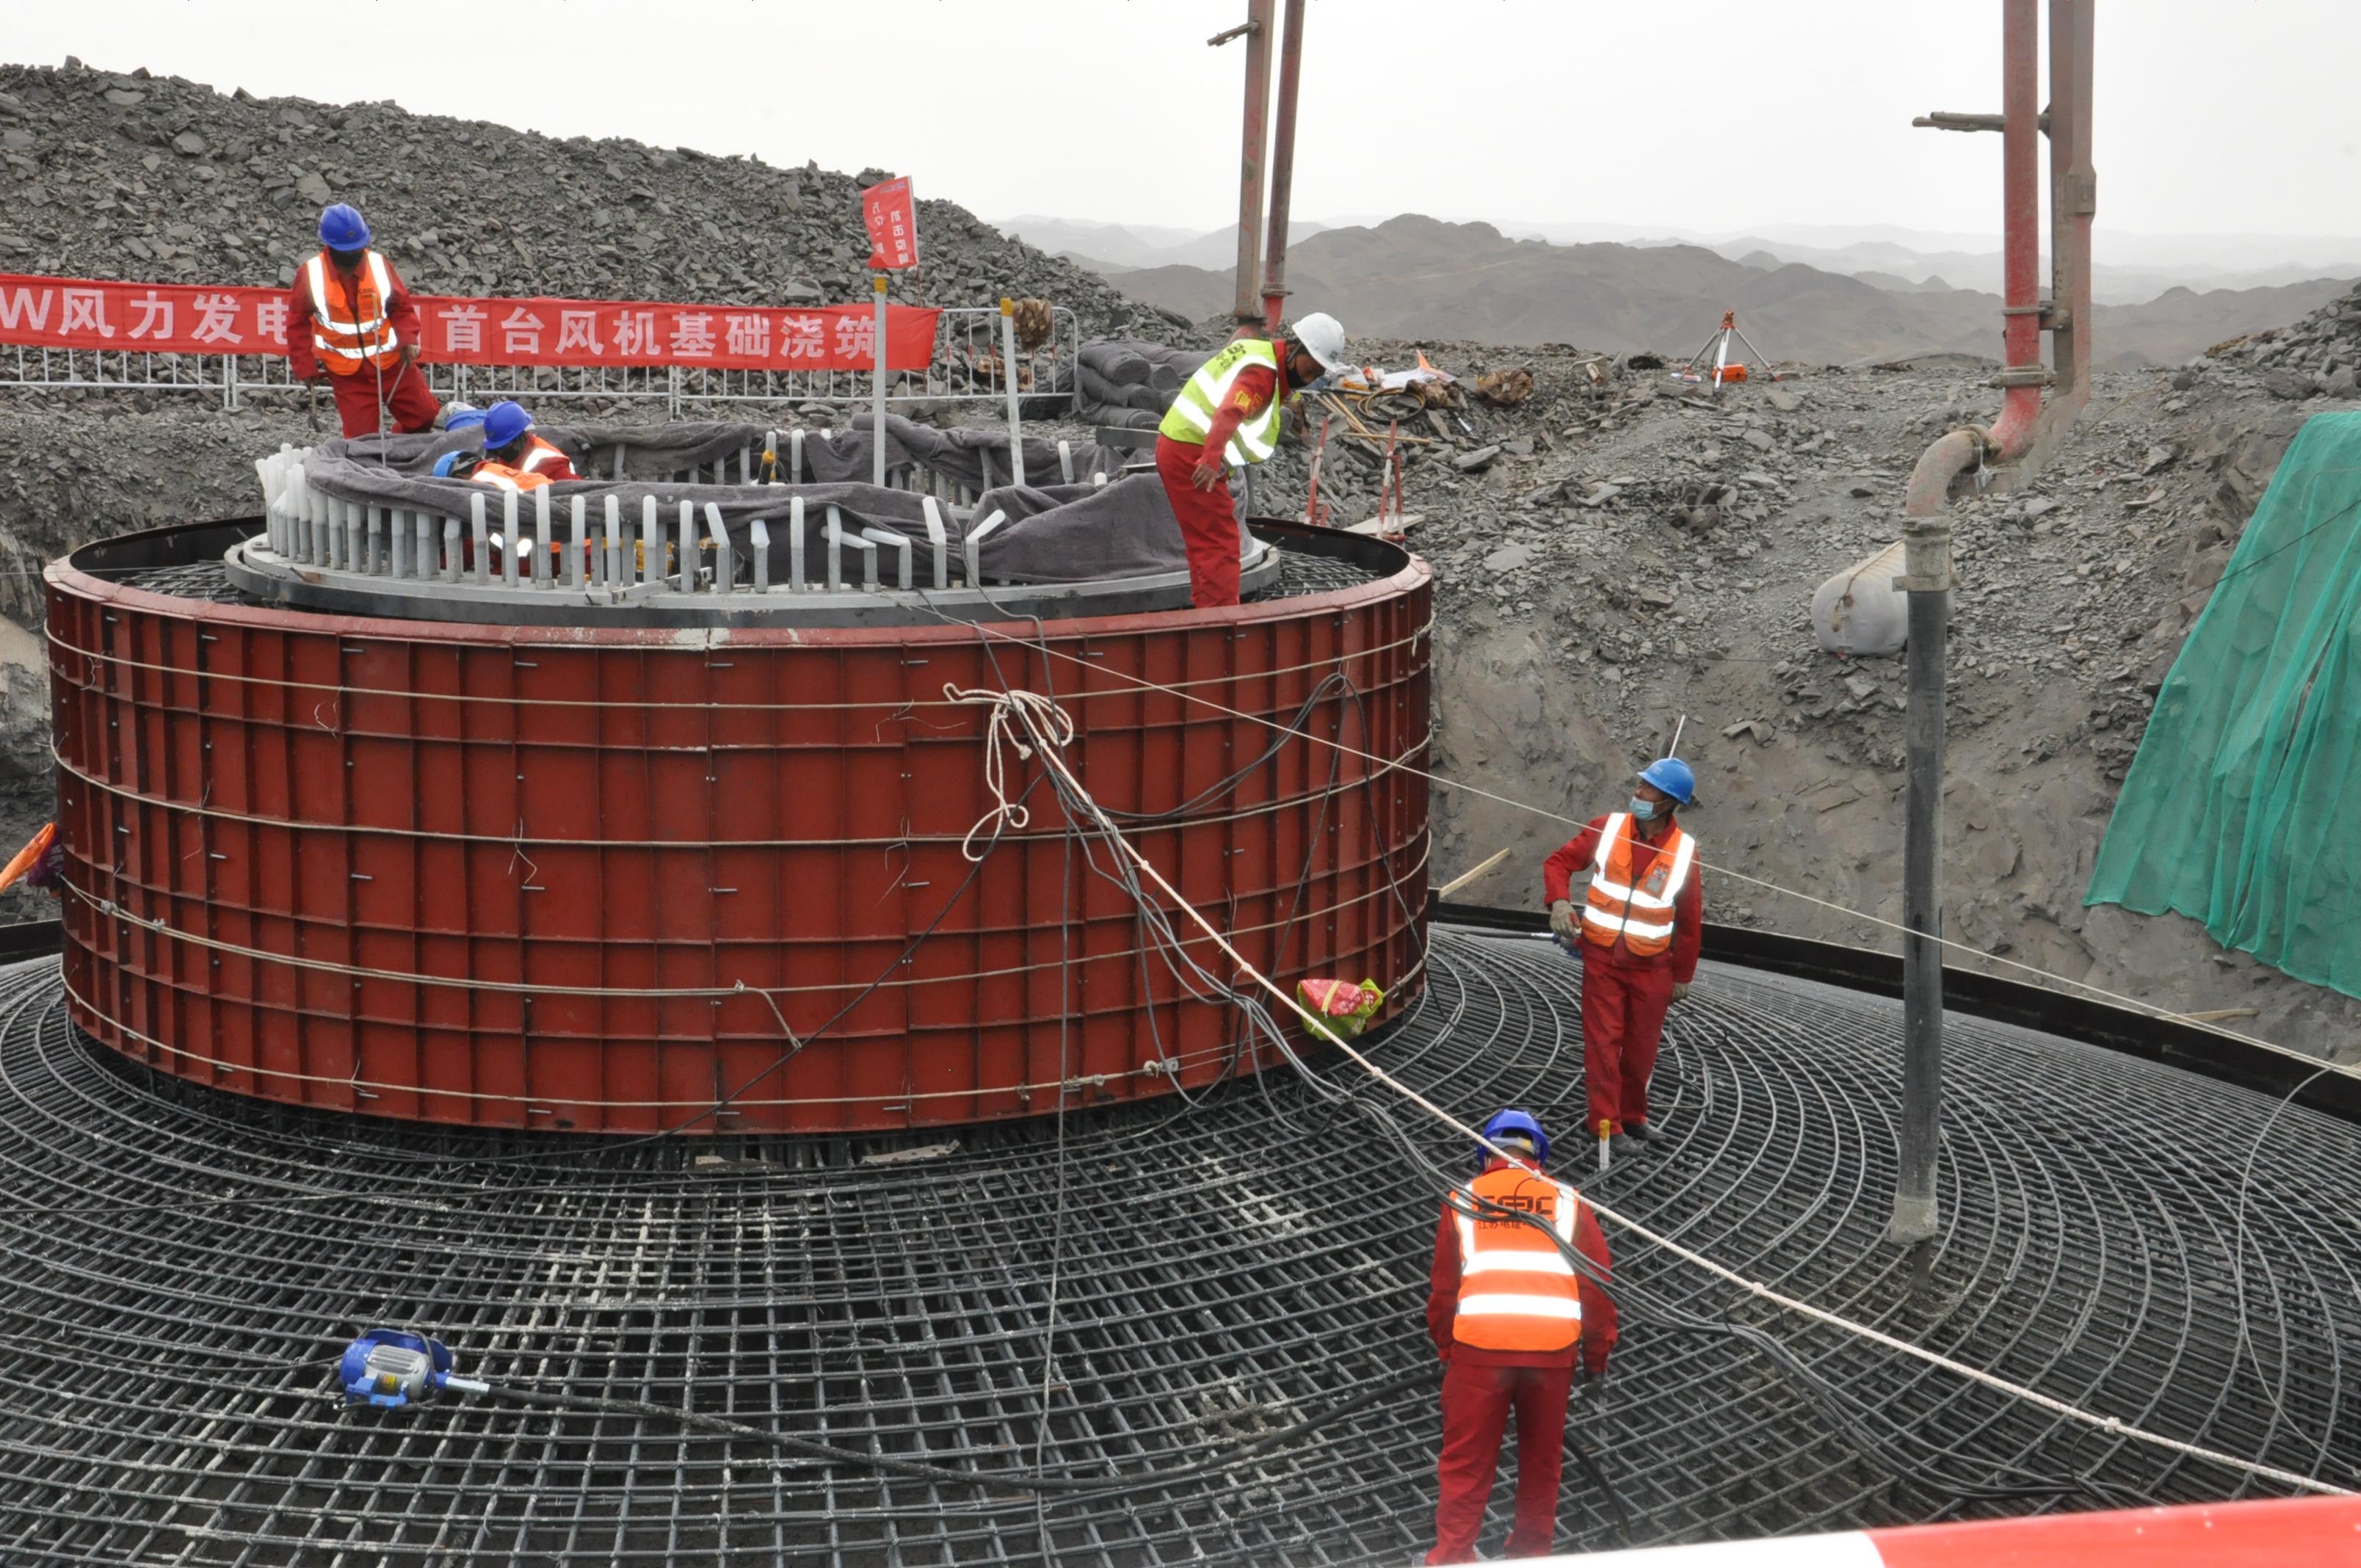 华电集团苇湖梁新能源公司:勇担当 稳驭舟 启新程